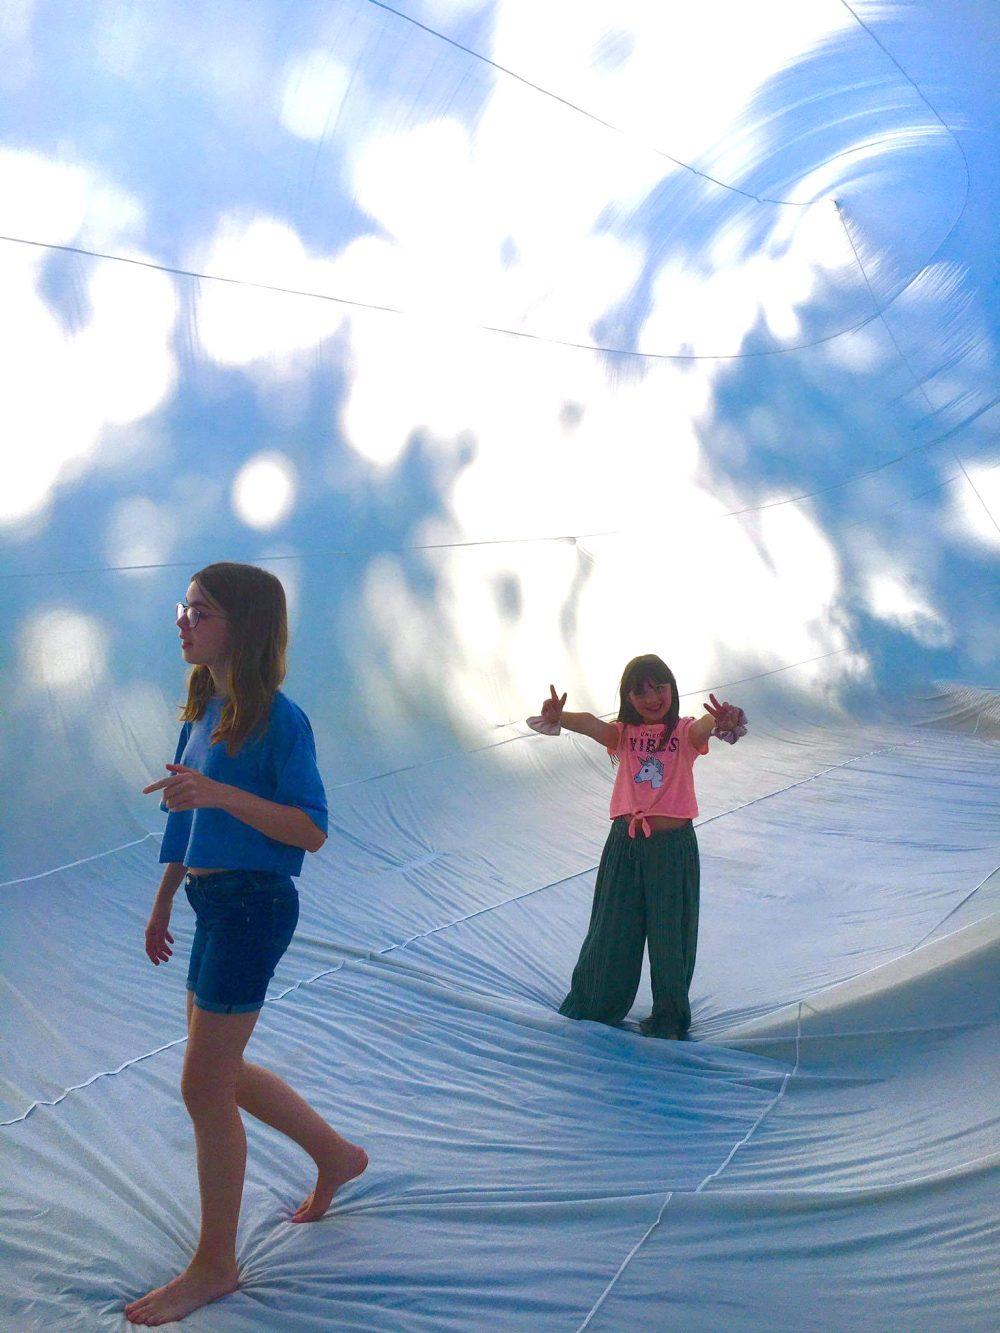 Kinder im Inneren des reisigen Luftobjektes